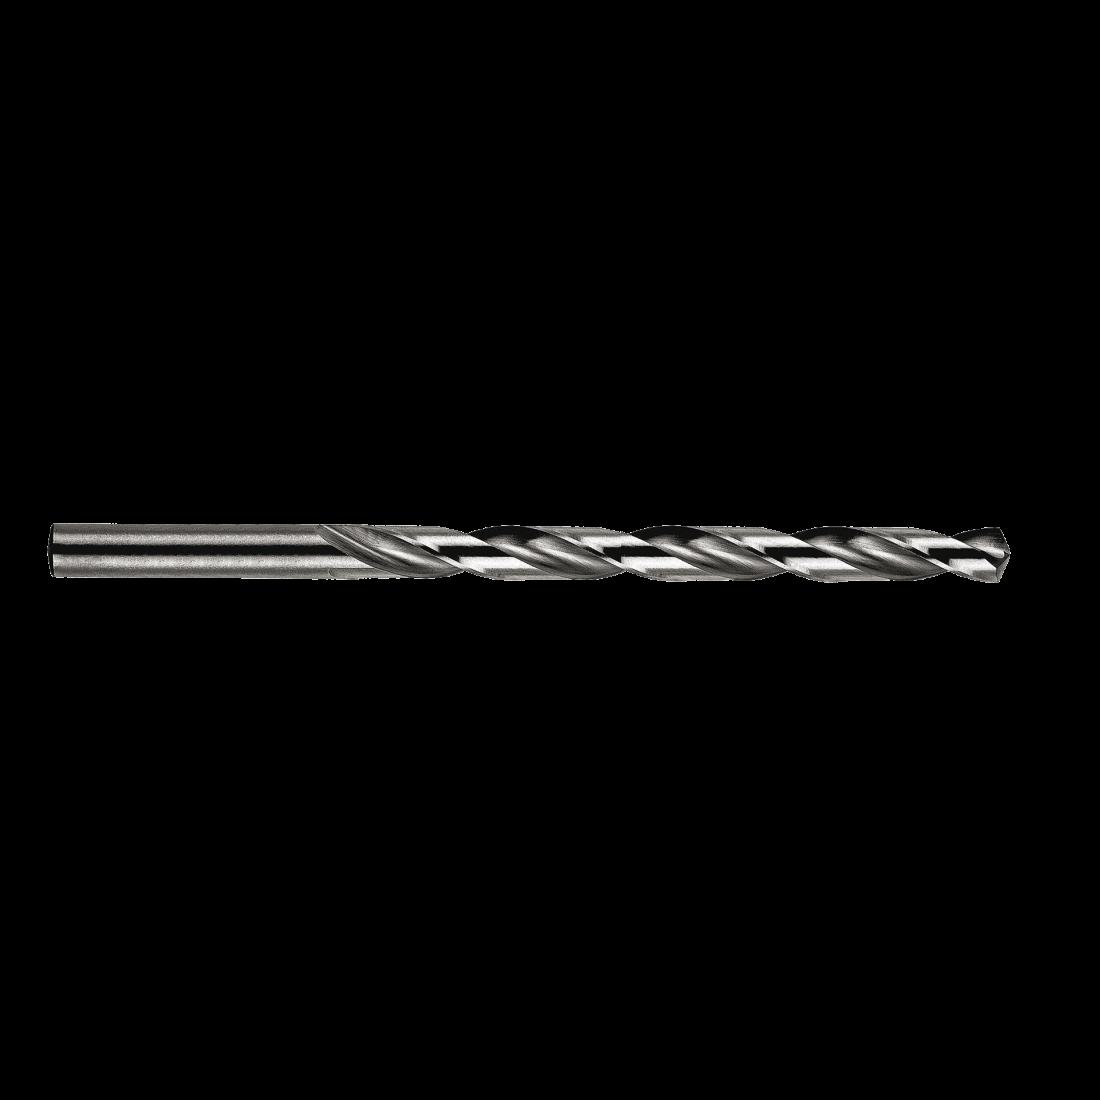 Сверлo по металлу Heller HSS-G Super DIN 340 сверхдлиннoе 12,0х134х205мм (5шт)